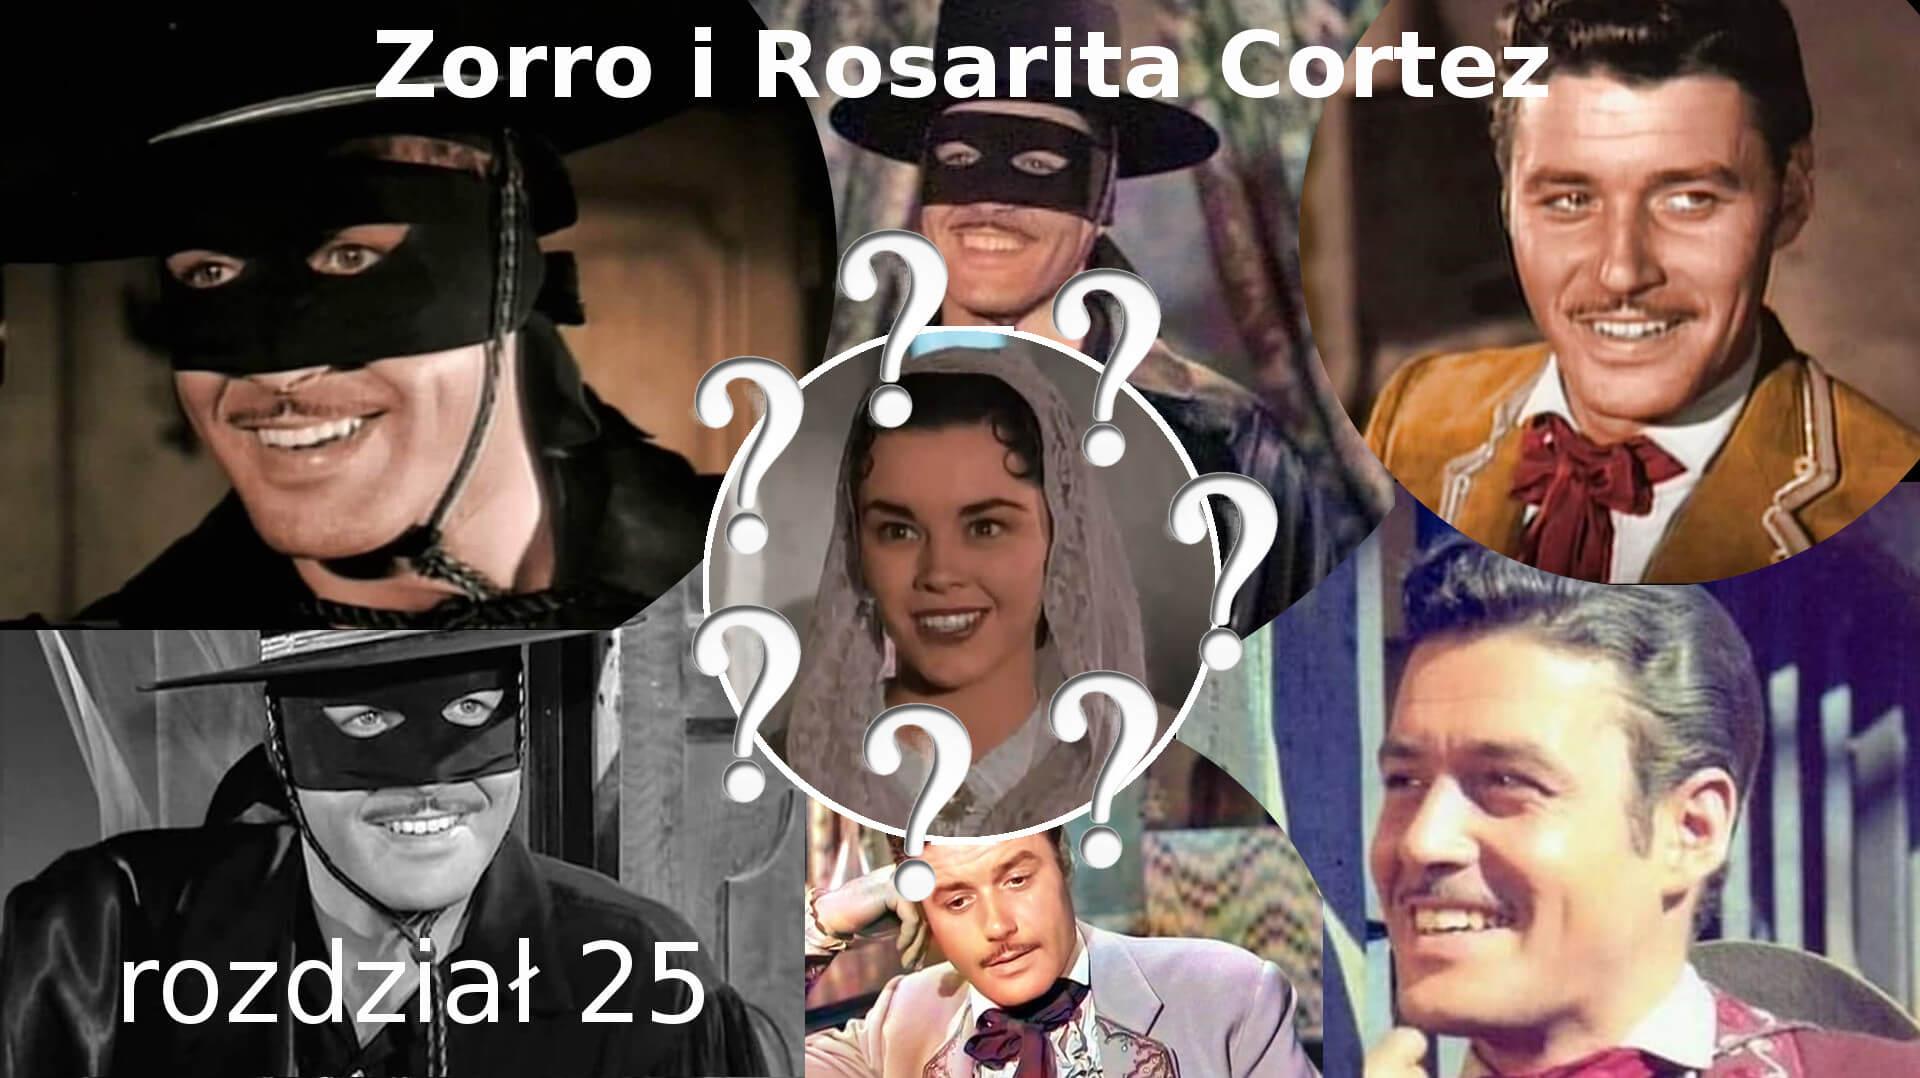 Zorro i Rosarita Cortez rozdział 25 Zorro fanfiction